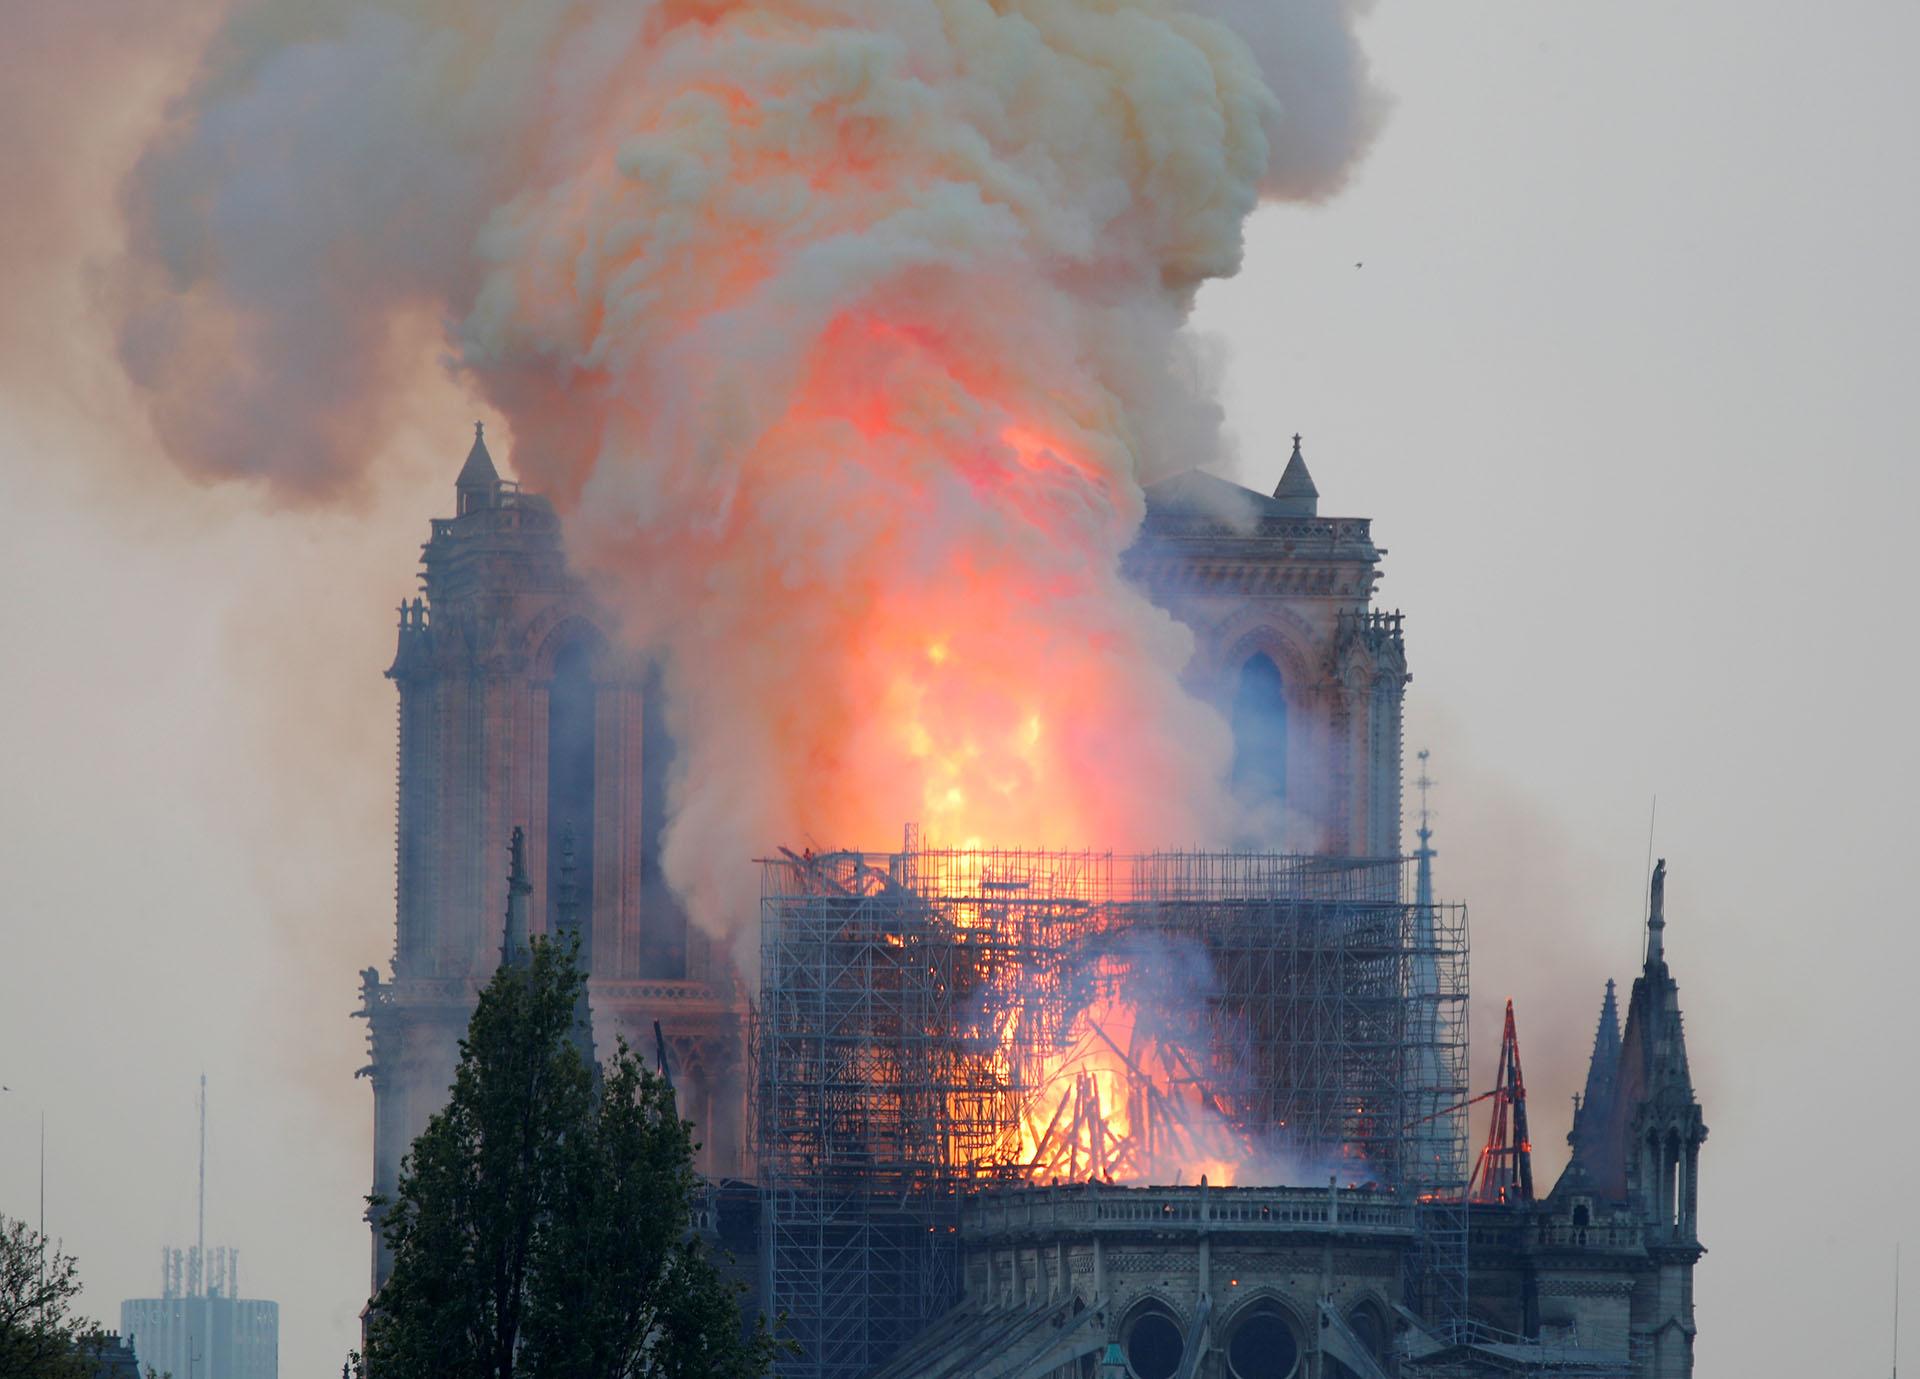 El fuego provocó el derrumbe de la aguja de la torre principal y de la estructura completa del techo, ante la impotencia de los bomberos, que no logran llegar al epicentro del incendio (Foto: REUTERS/Charles Platiau)